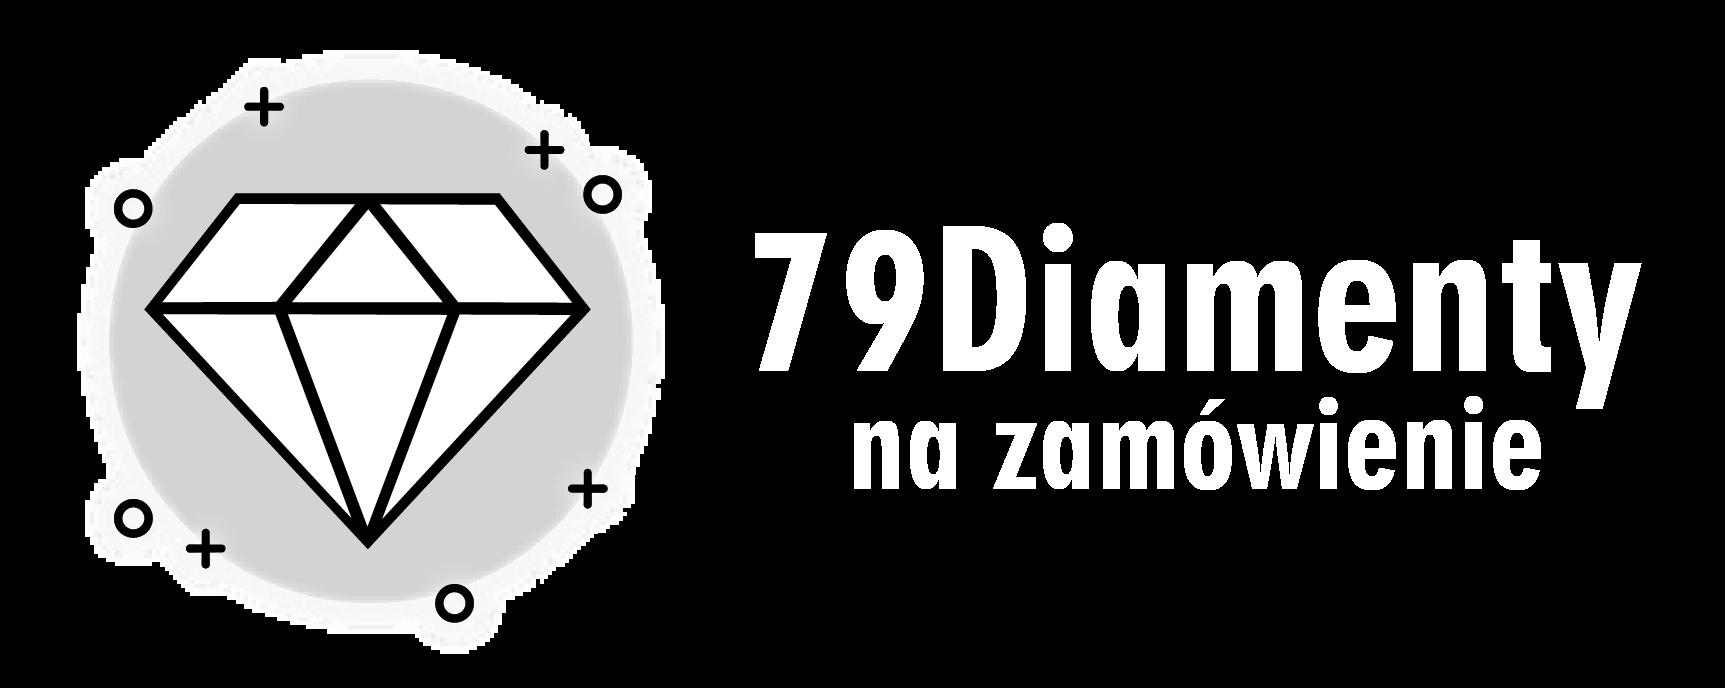 79diamenty.pl na zamówienie